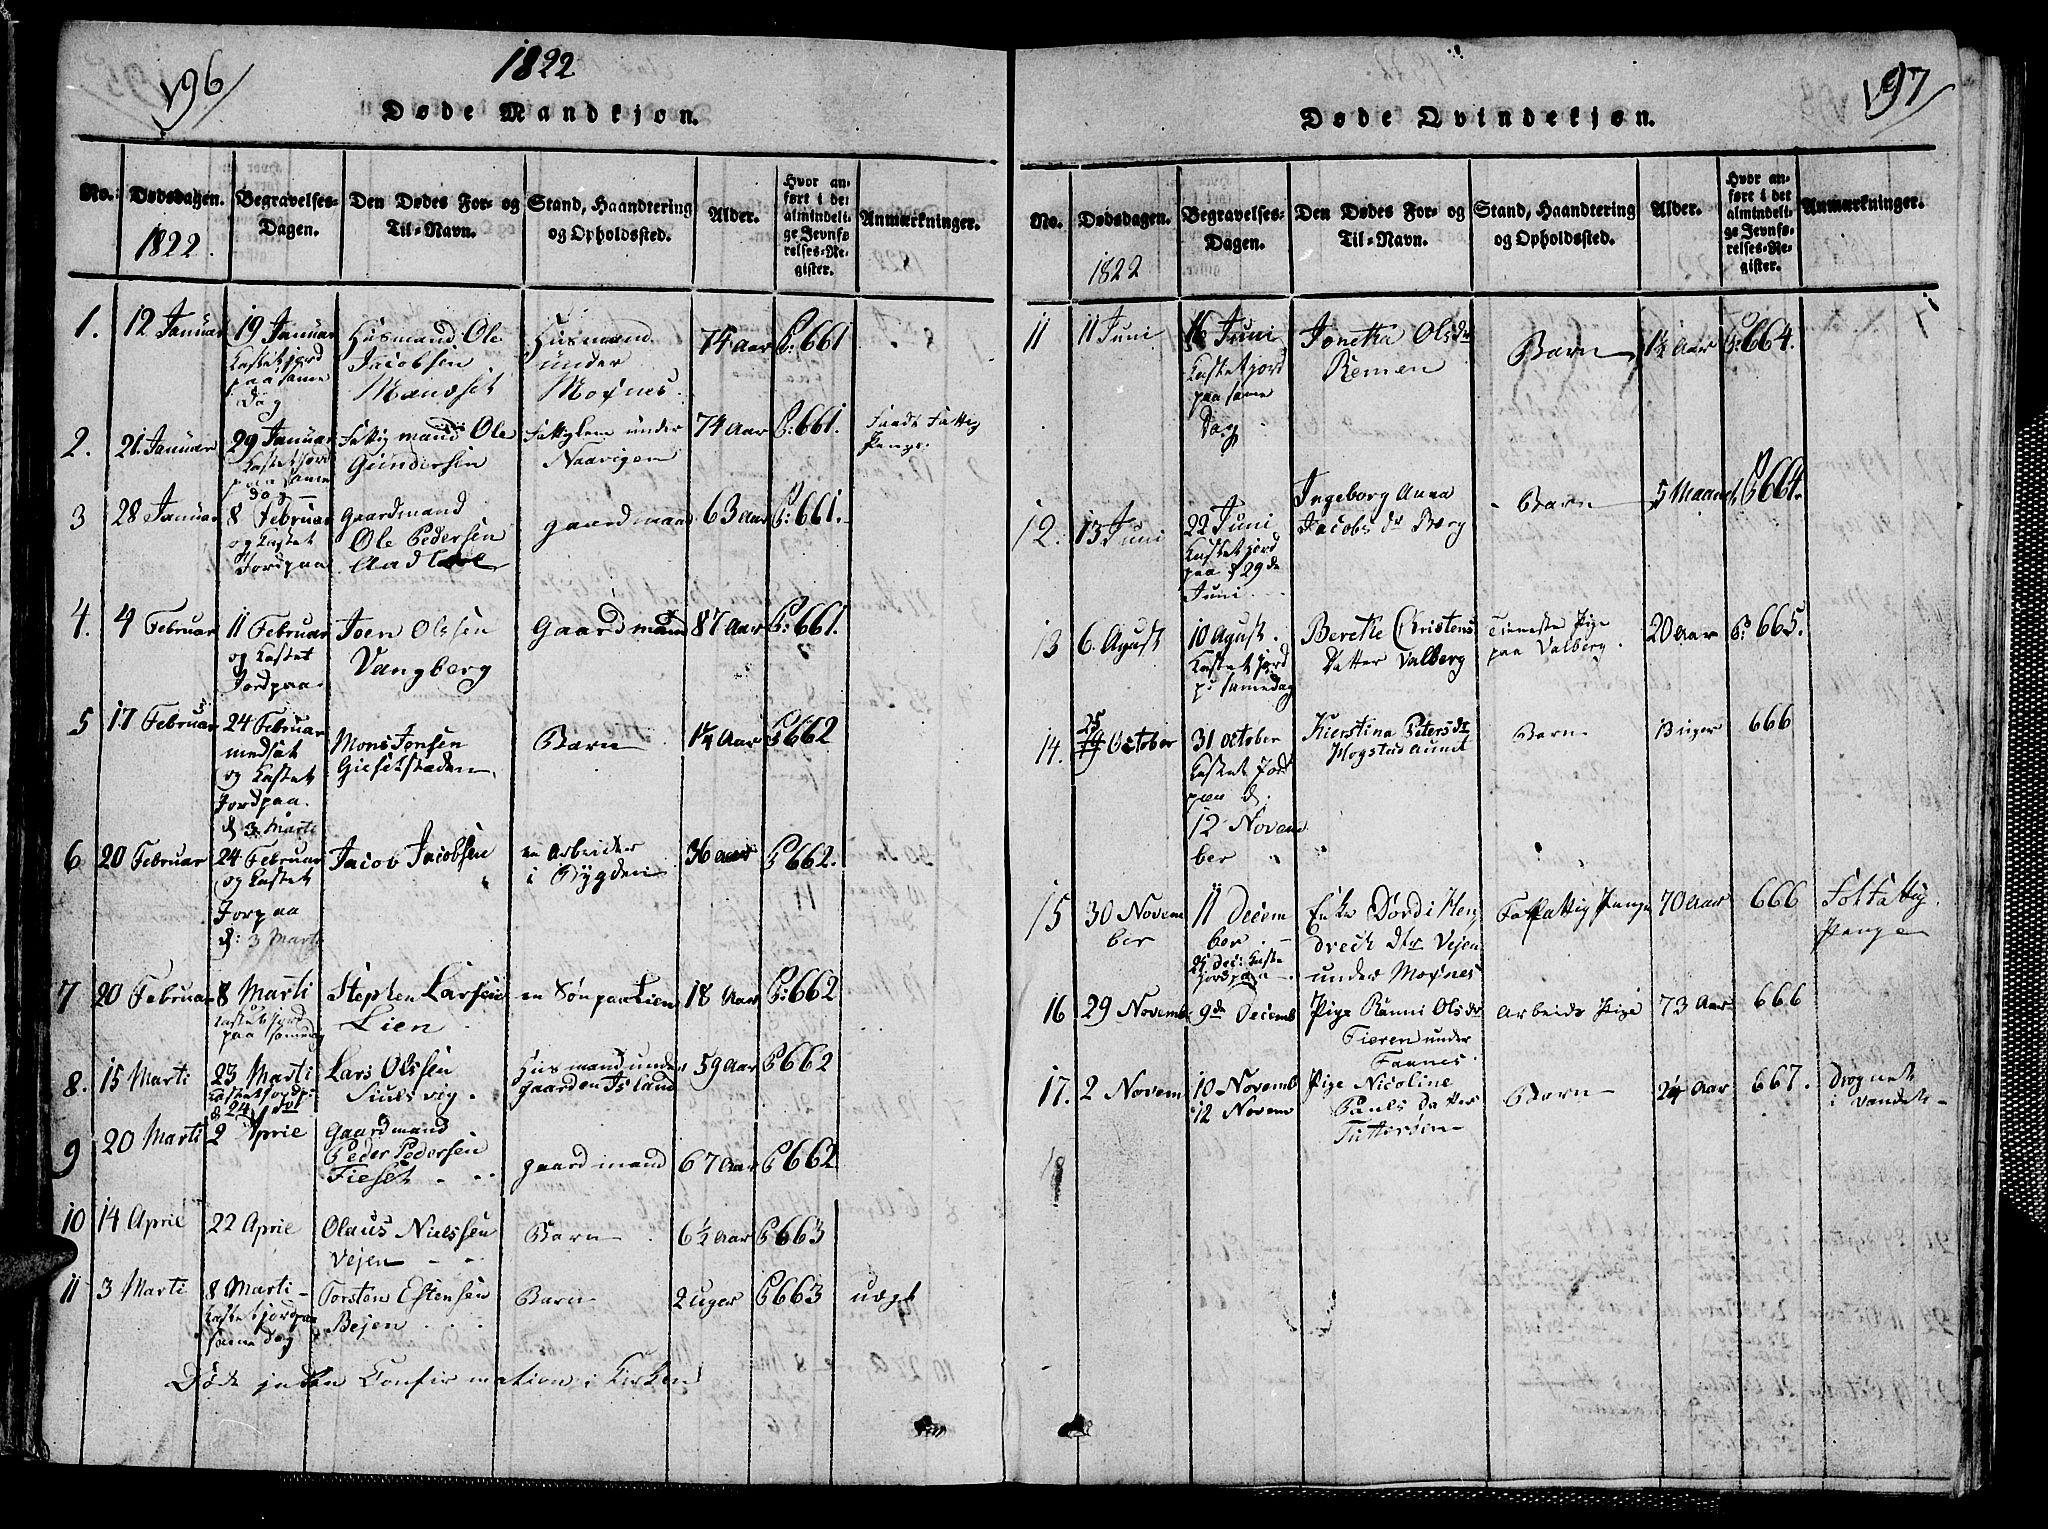 SAT, Ministerialprotokoller, klokkerbøker og fødselsregistre - Nord-Trøndelag, 713/L0124: Klokkerbok nr. 713C01, 1817-1827, s. 196-197